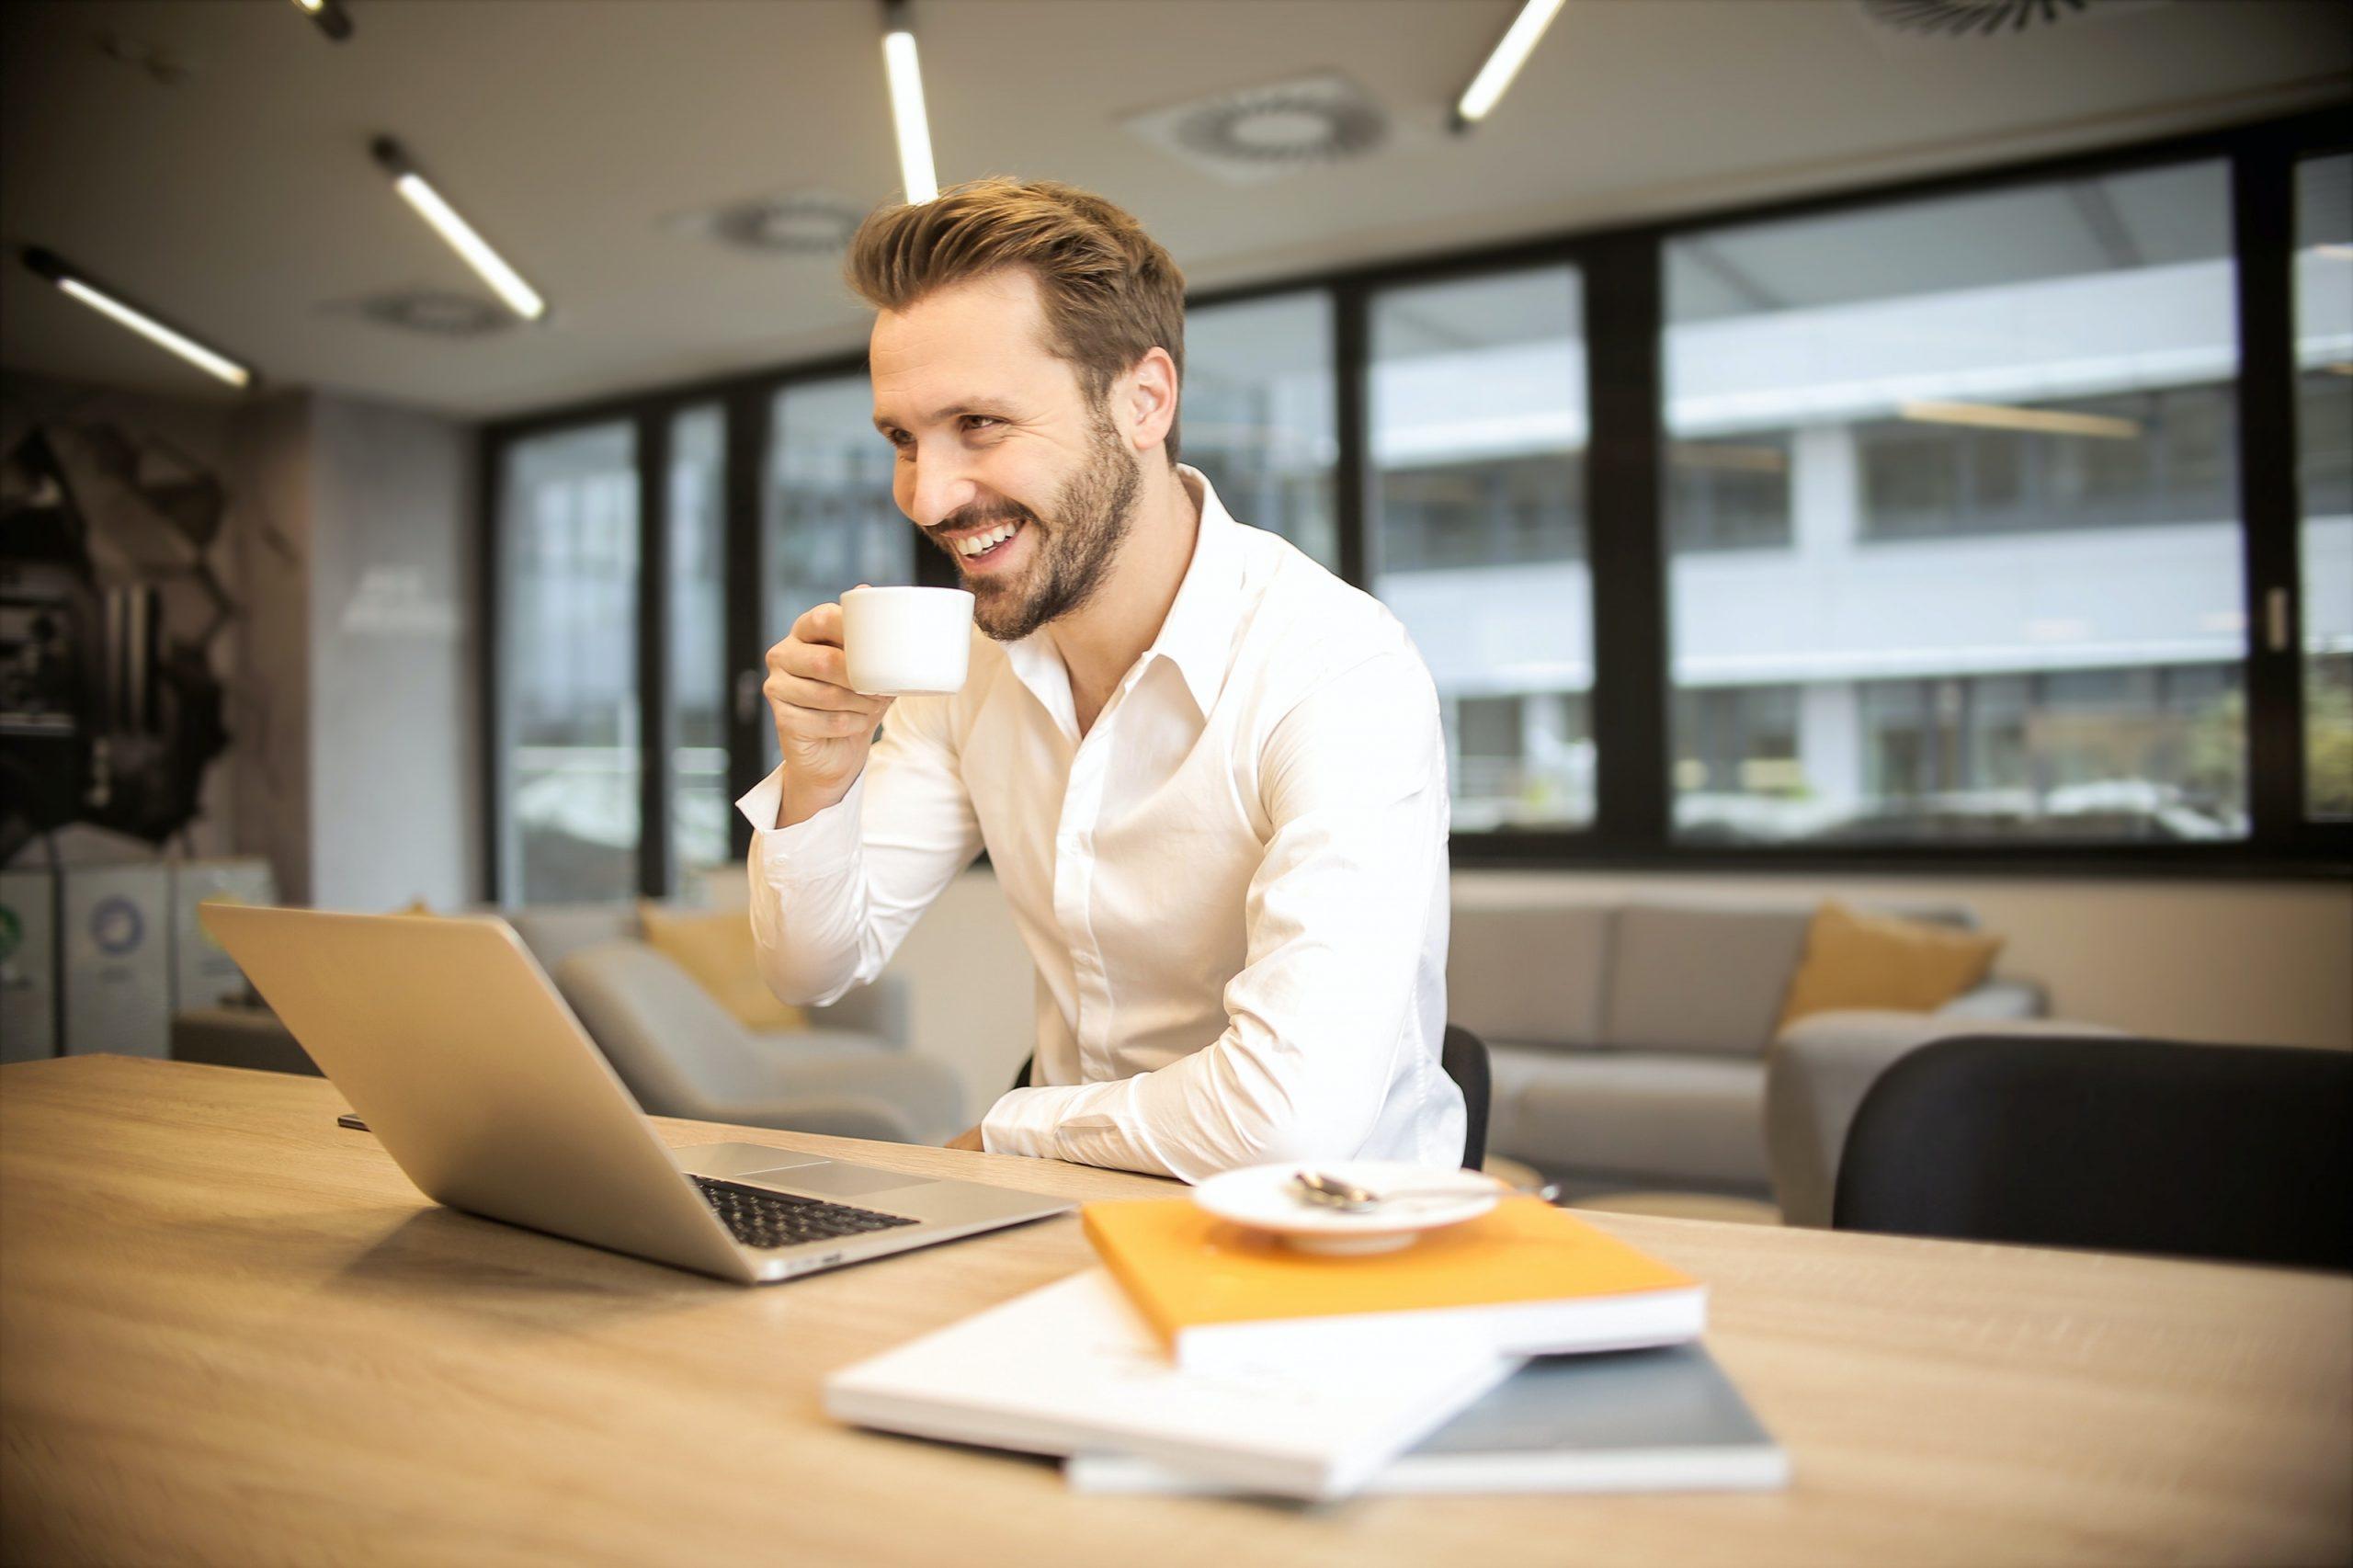 Un hombre feliz buscando trabajo